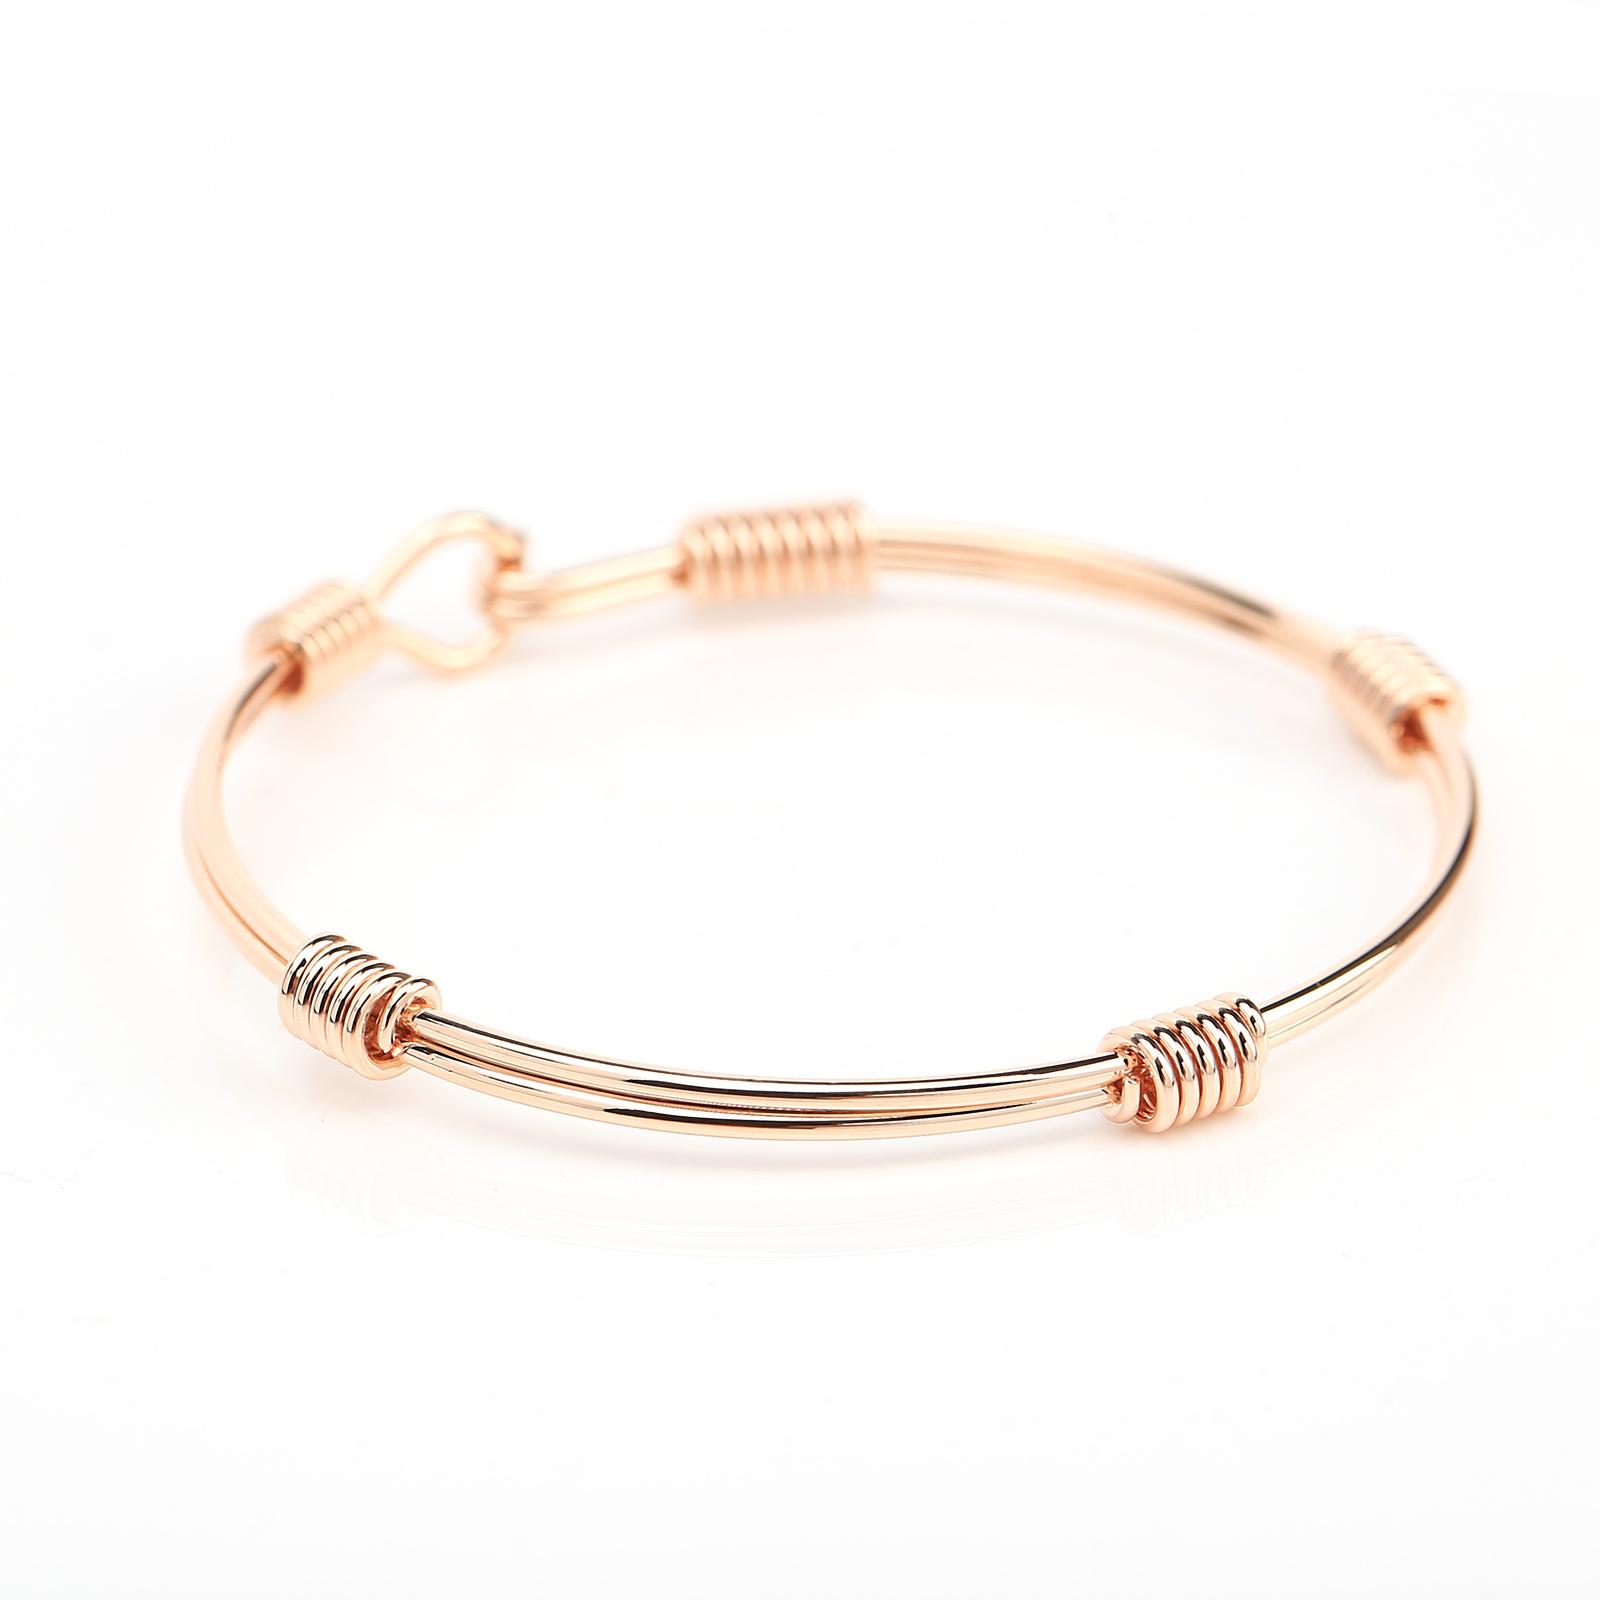 UE- Stylish Rose Tone Designer Bangle Bracelet With Contemporary Design